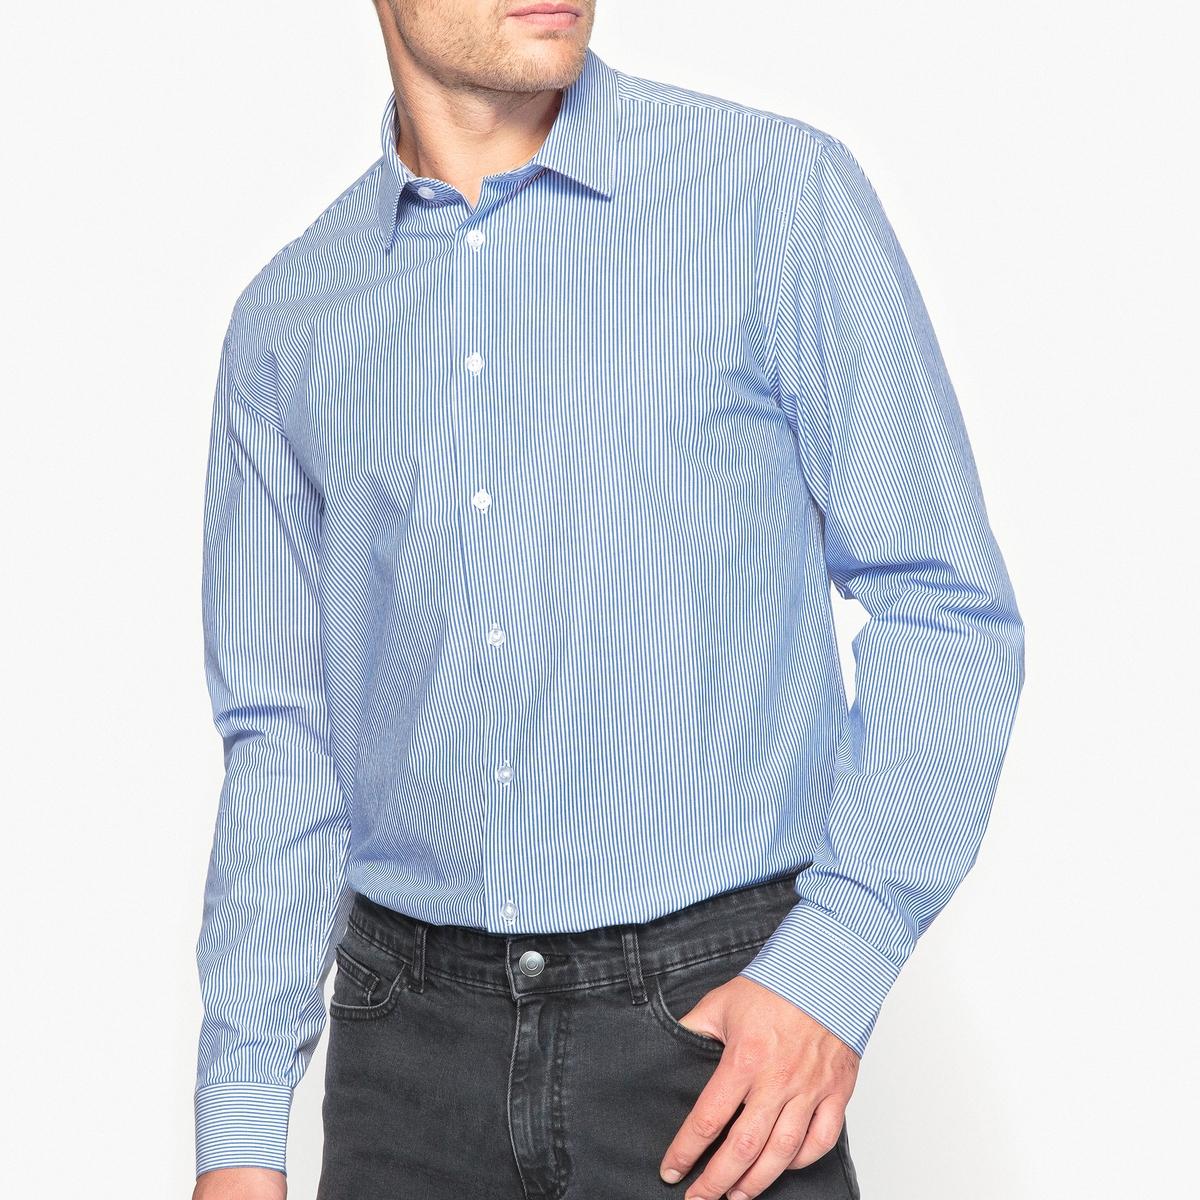 Рубашка узкого покроя в полоску, 100% хлопок